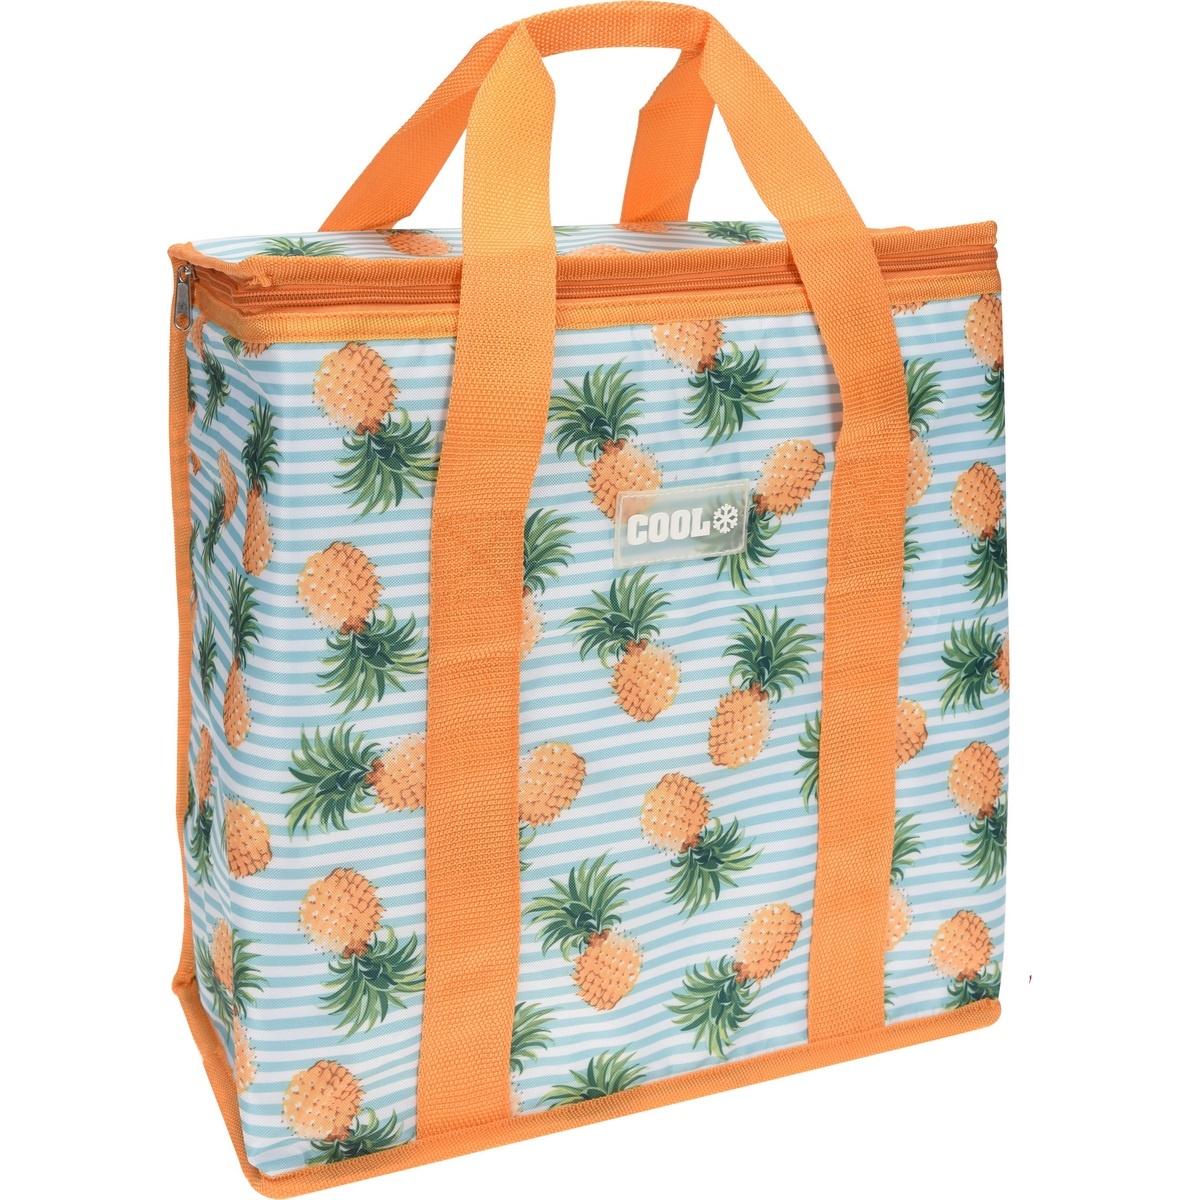 Koopman Chladici taška Fruity oranžová, 34 x 16,5 x 36 cm